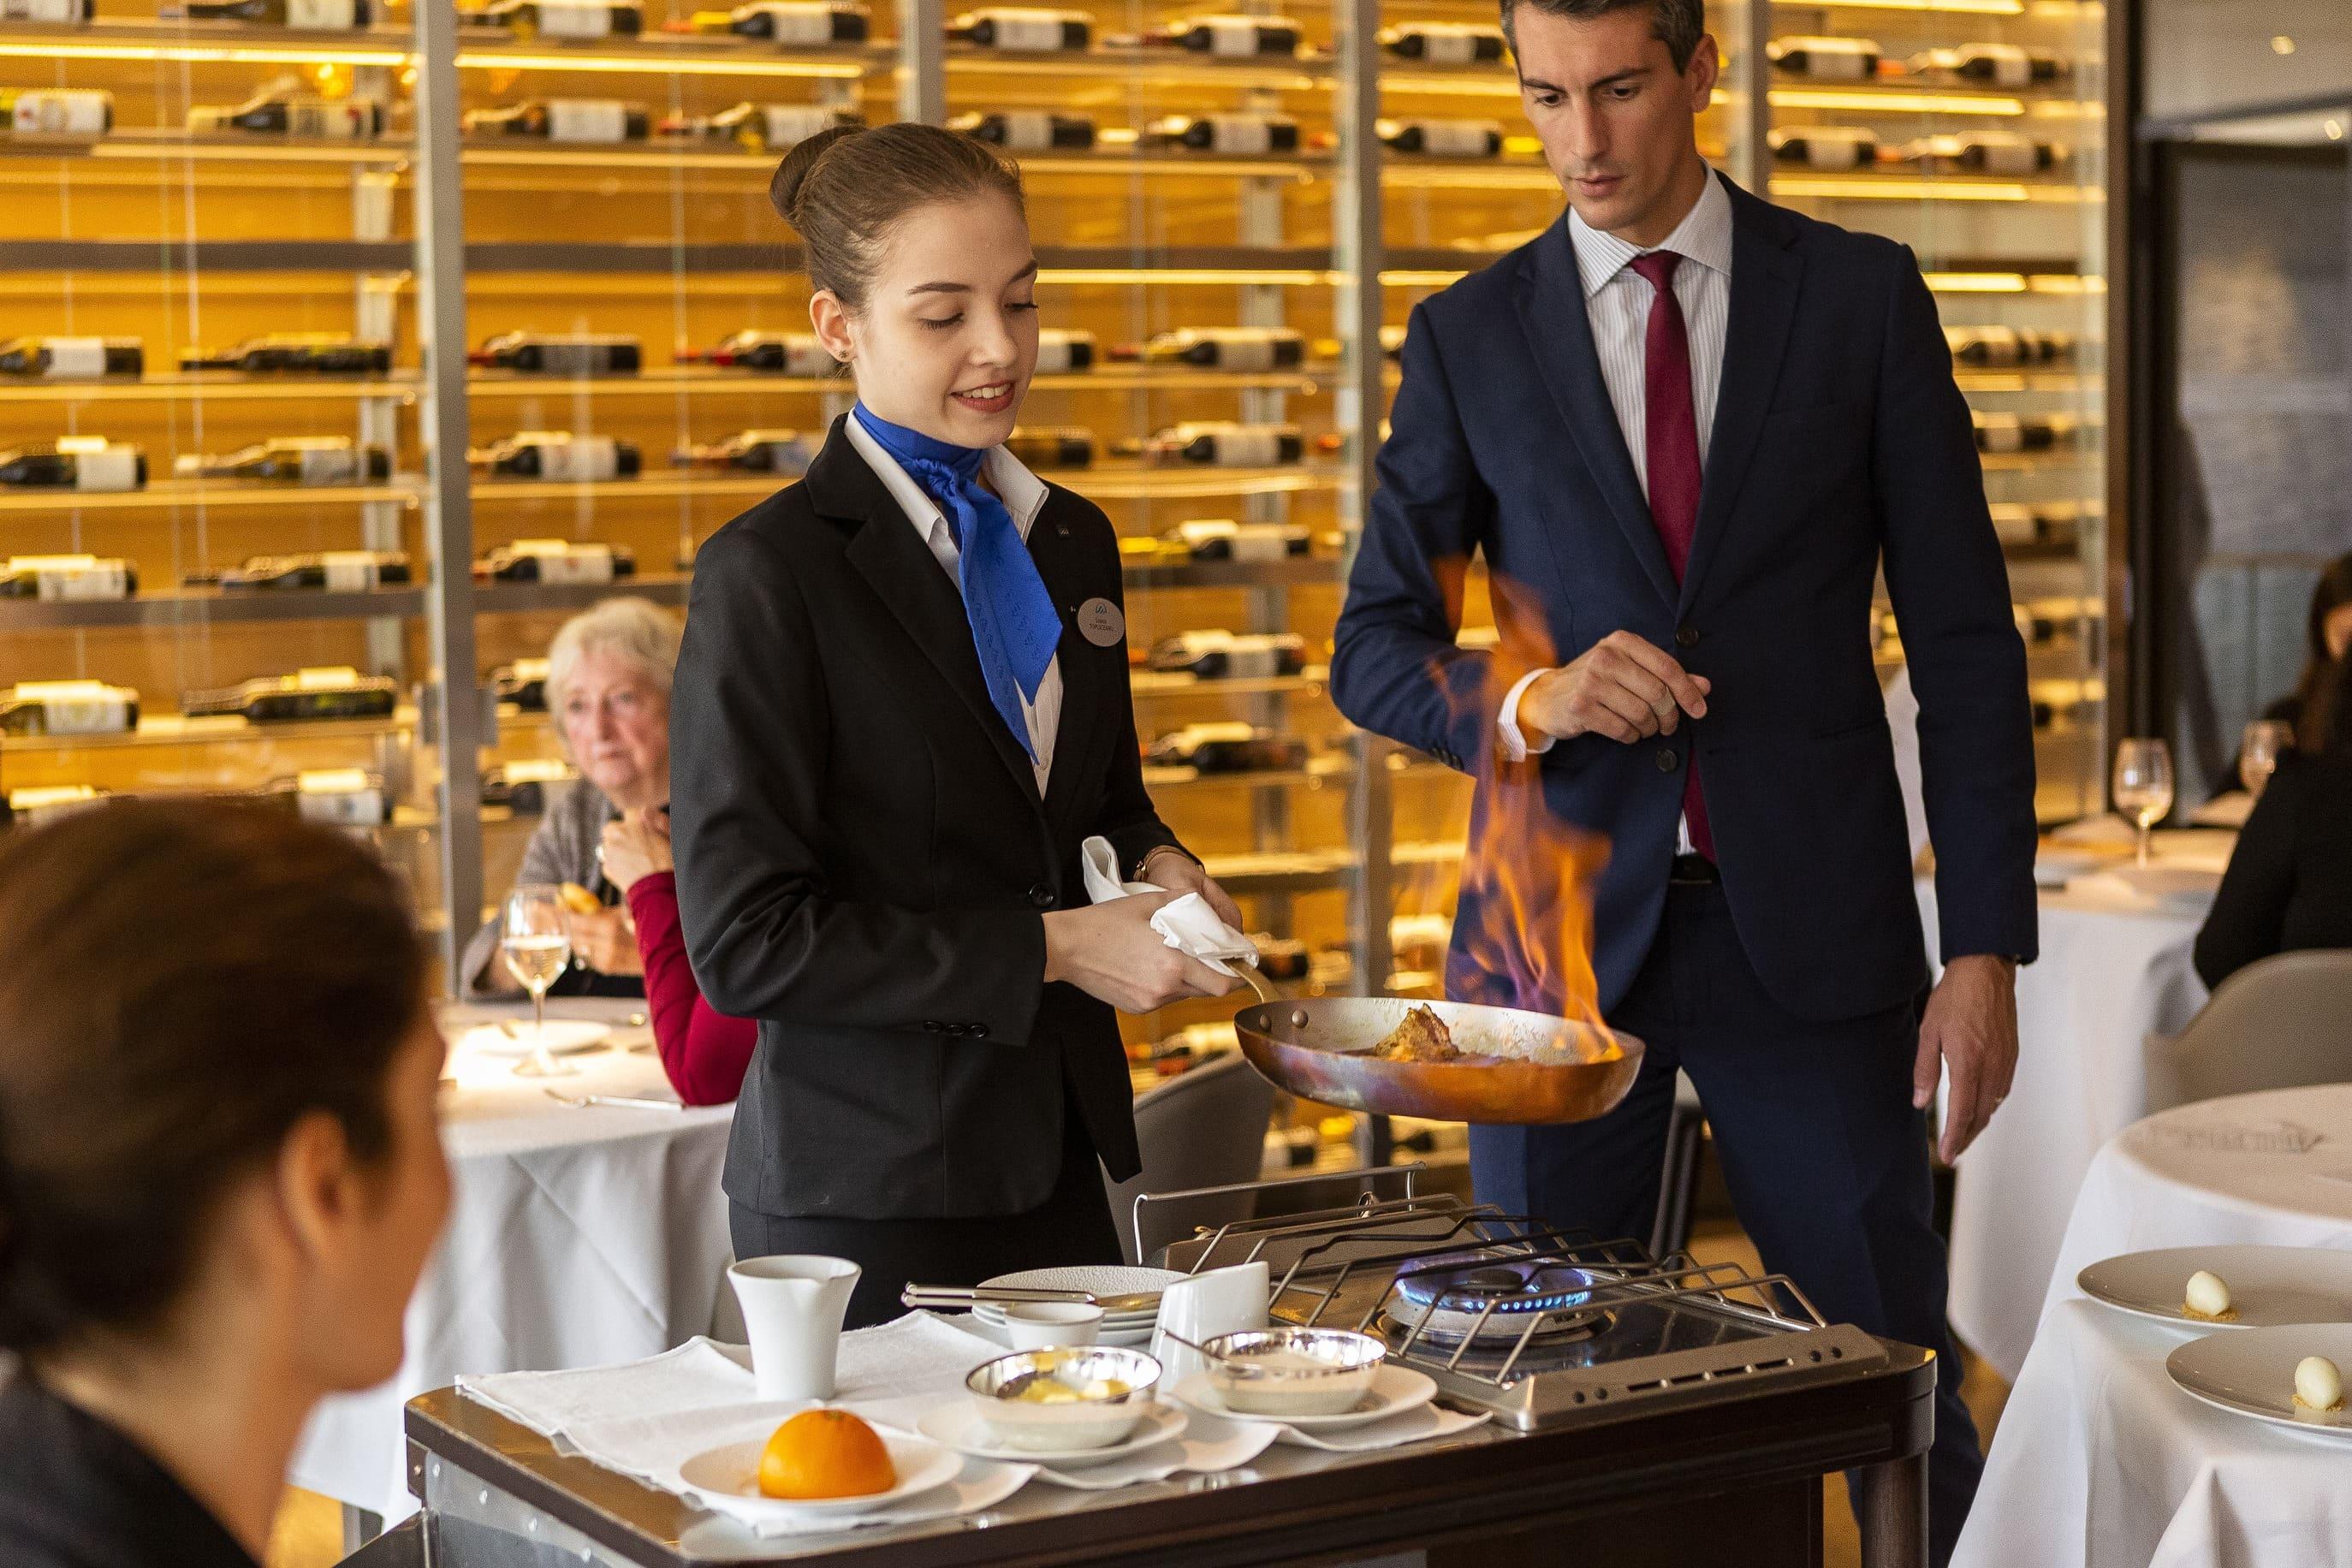 Ecole-hôtelière-de-Lausanne-hospitality